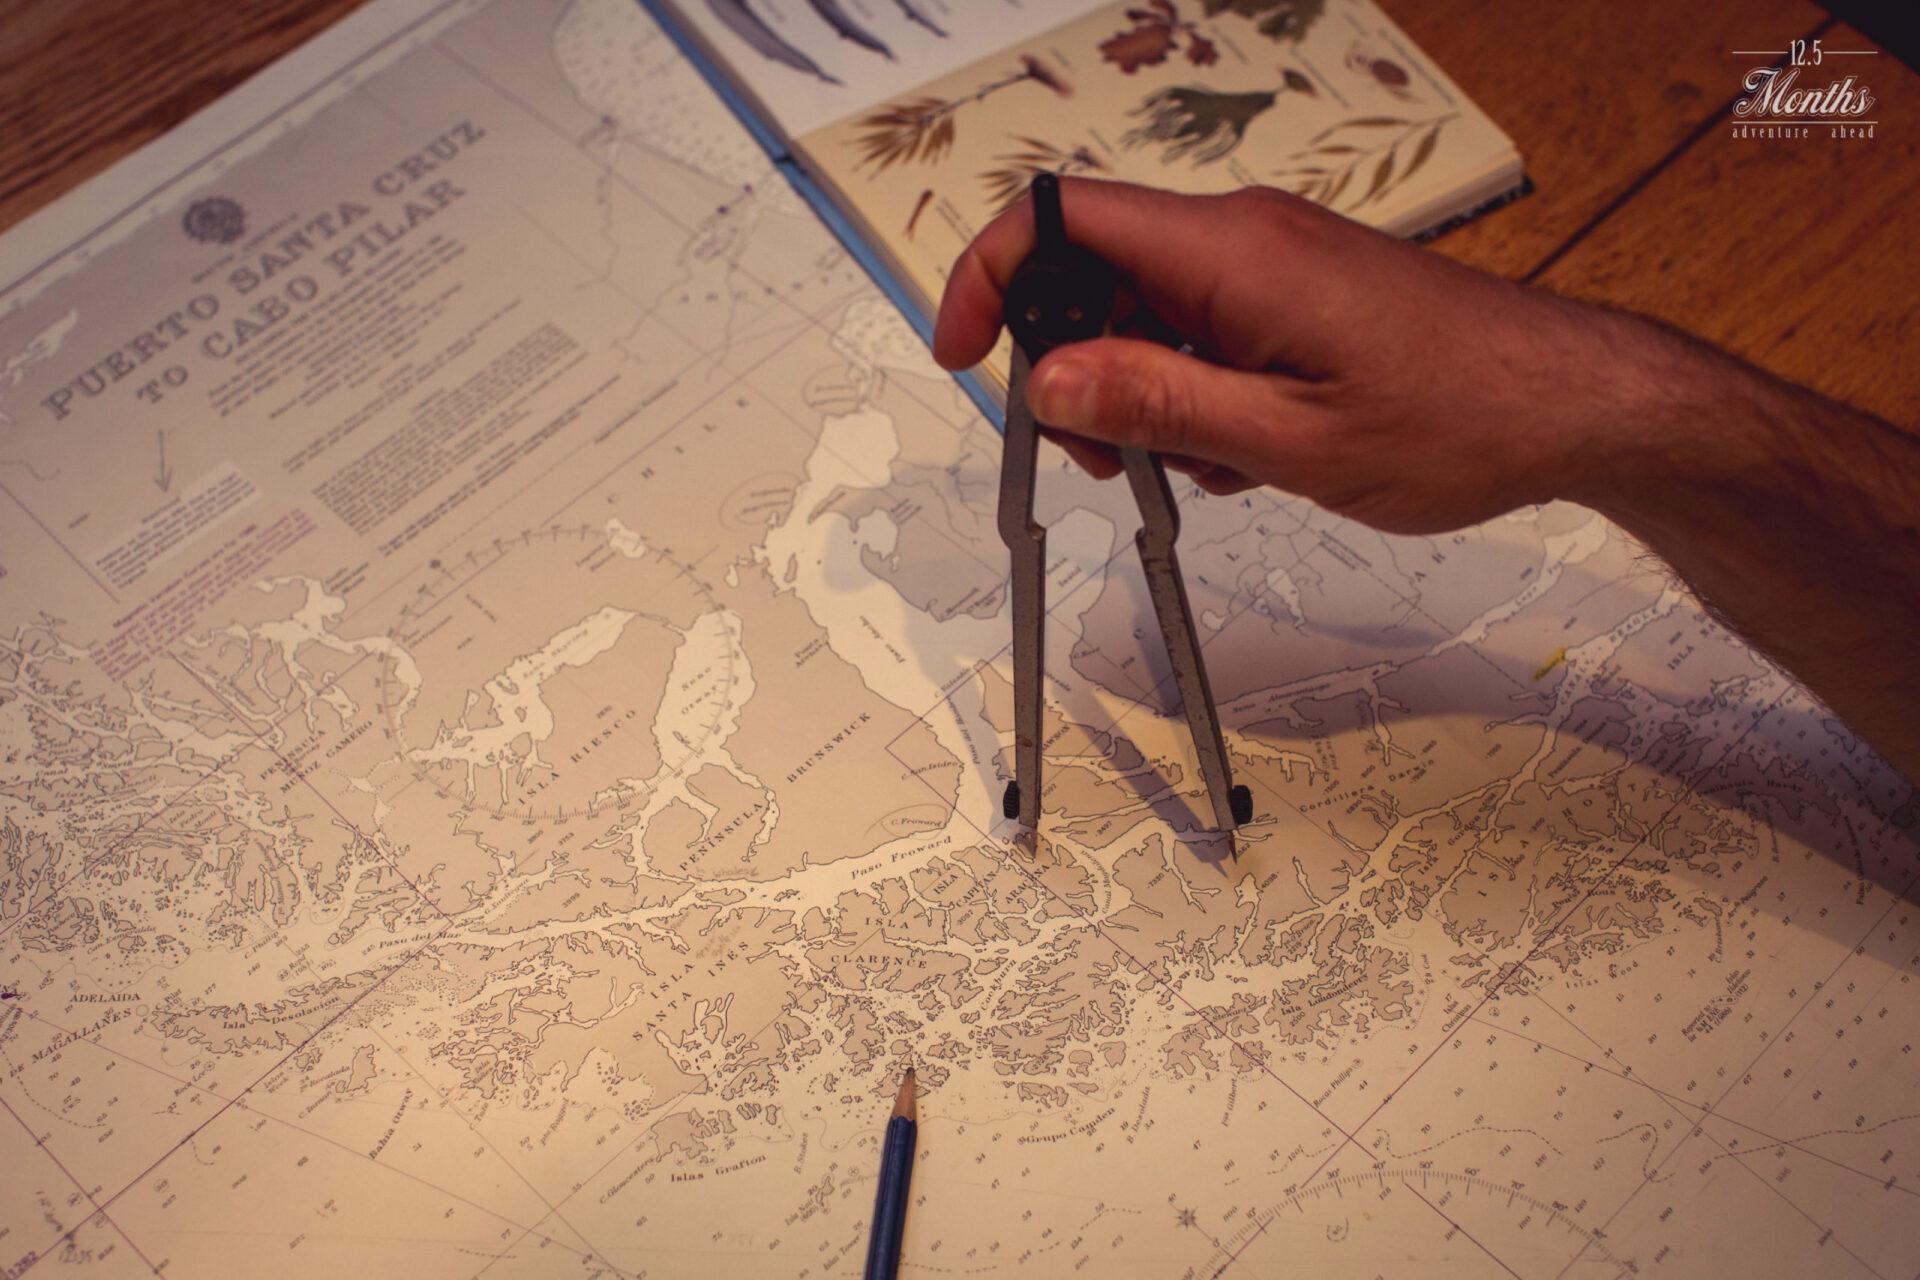 Огненная Земля. Яхтенная экспедиция 12.5 Months